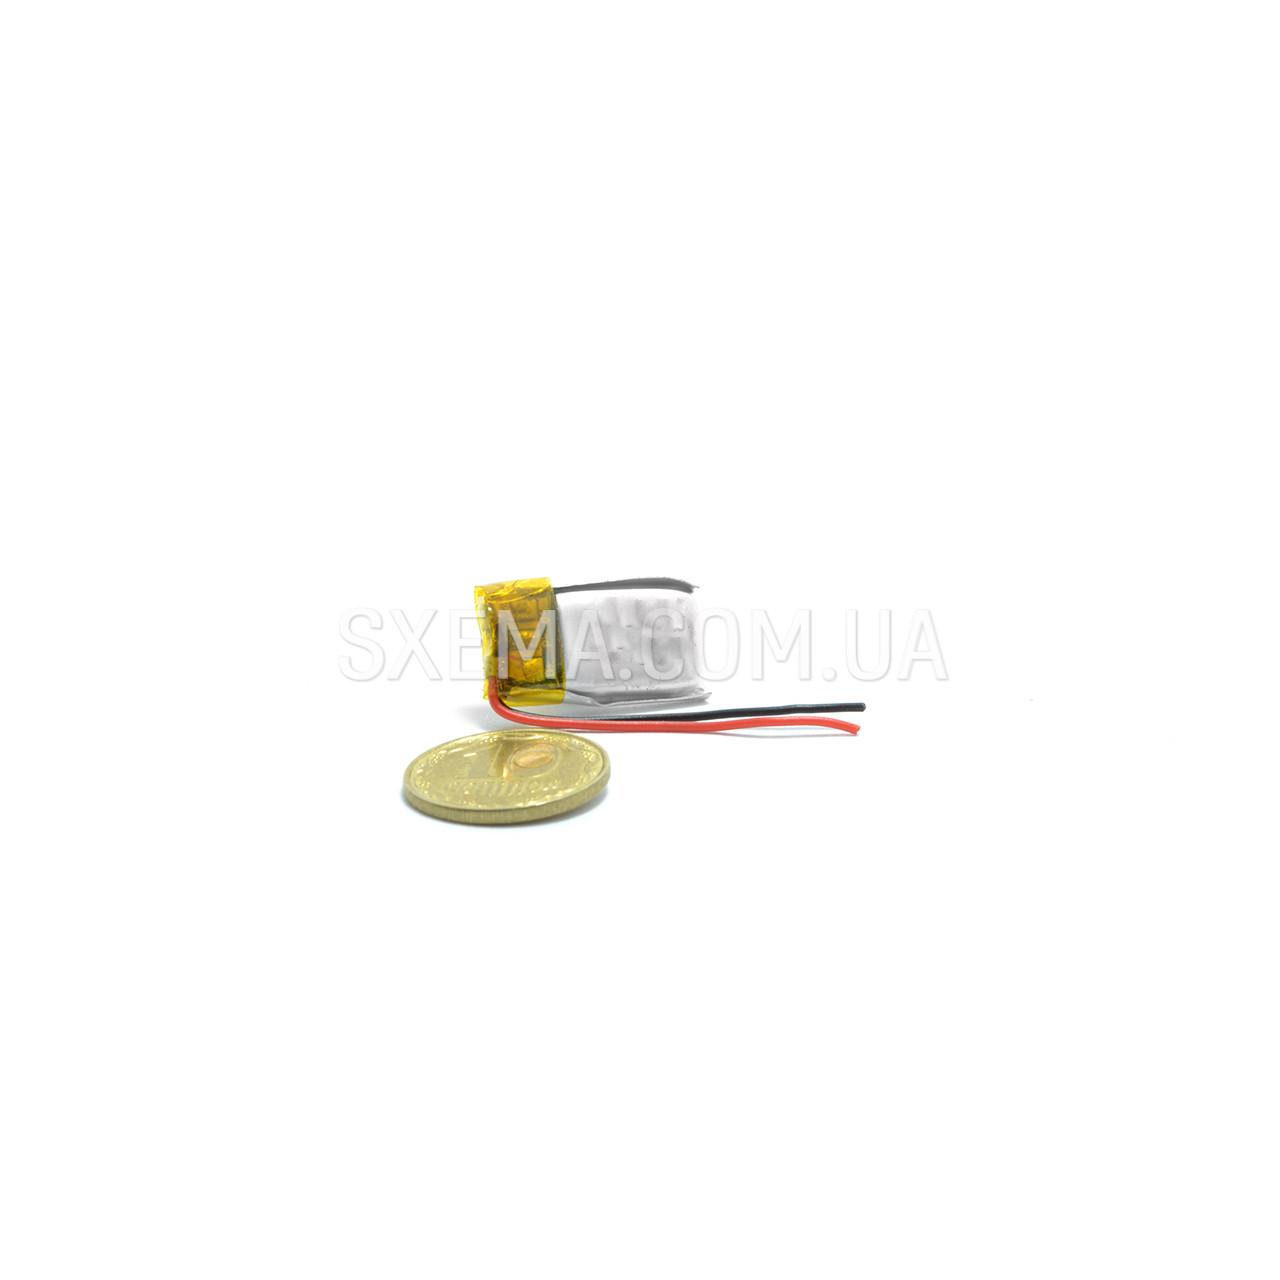 Аккумулятор универсальный 041017 (Li-ion 3.7В 150мА·ч), (17*10*4 мм)